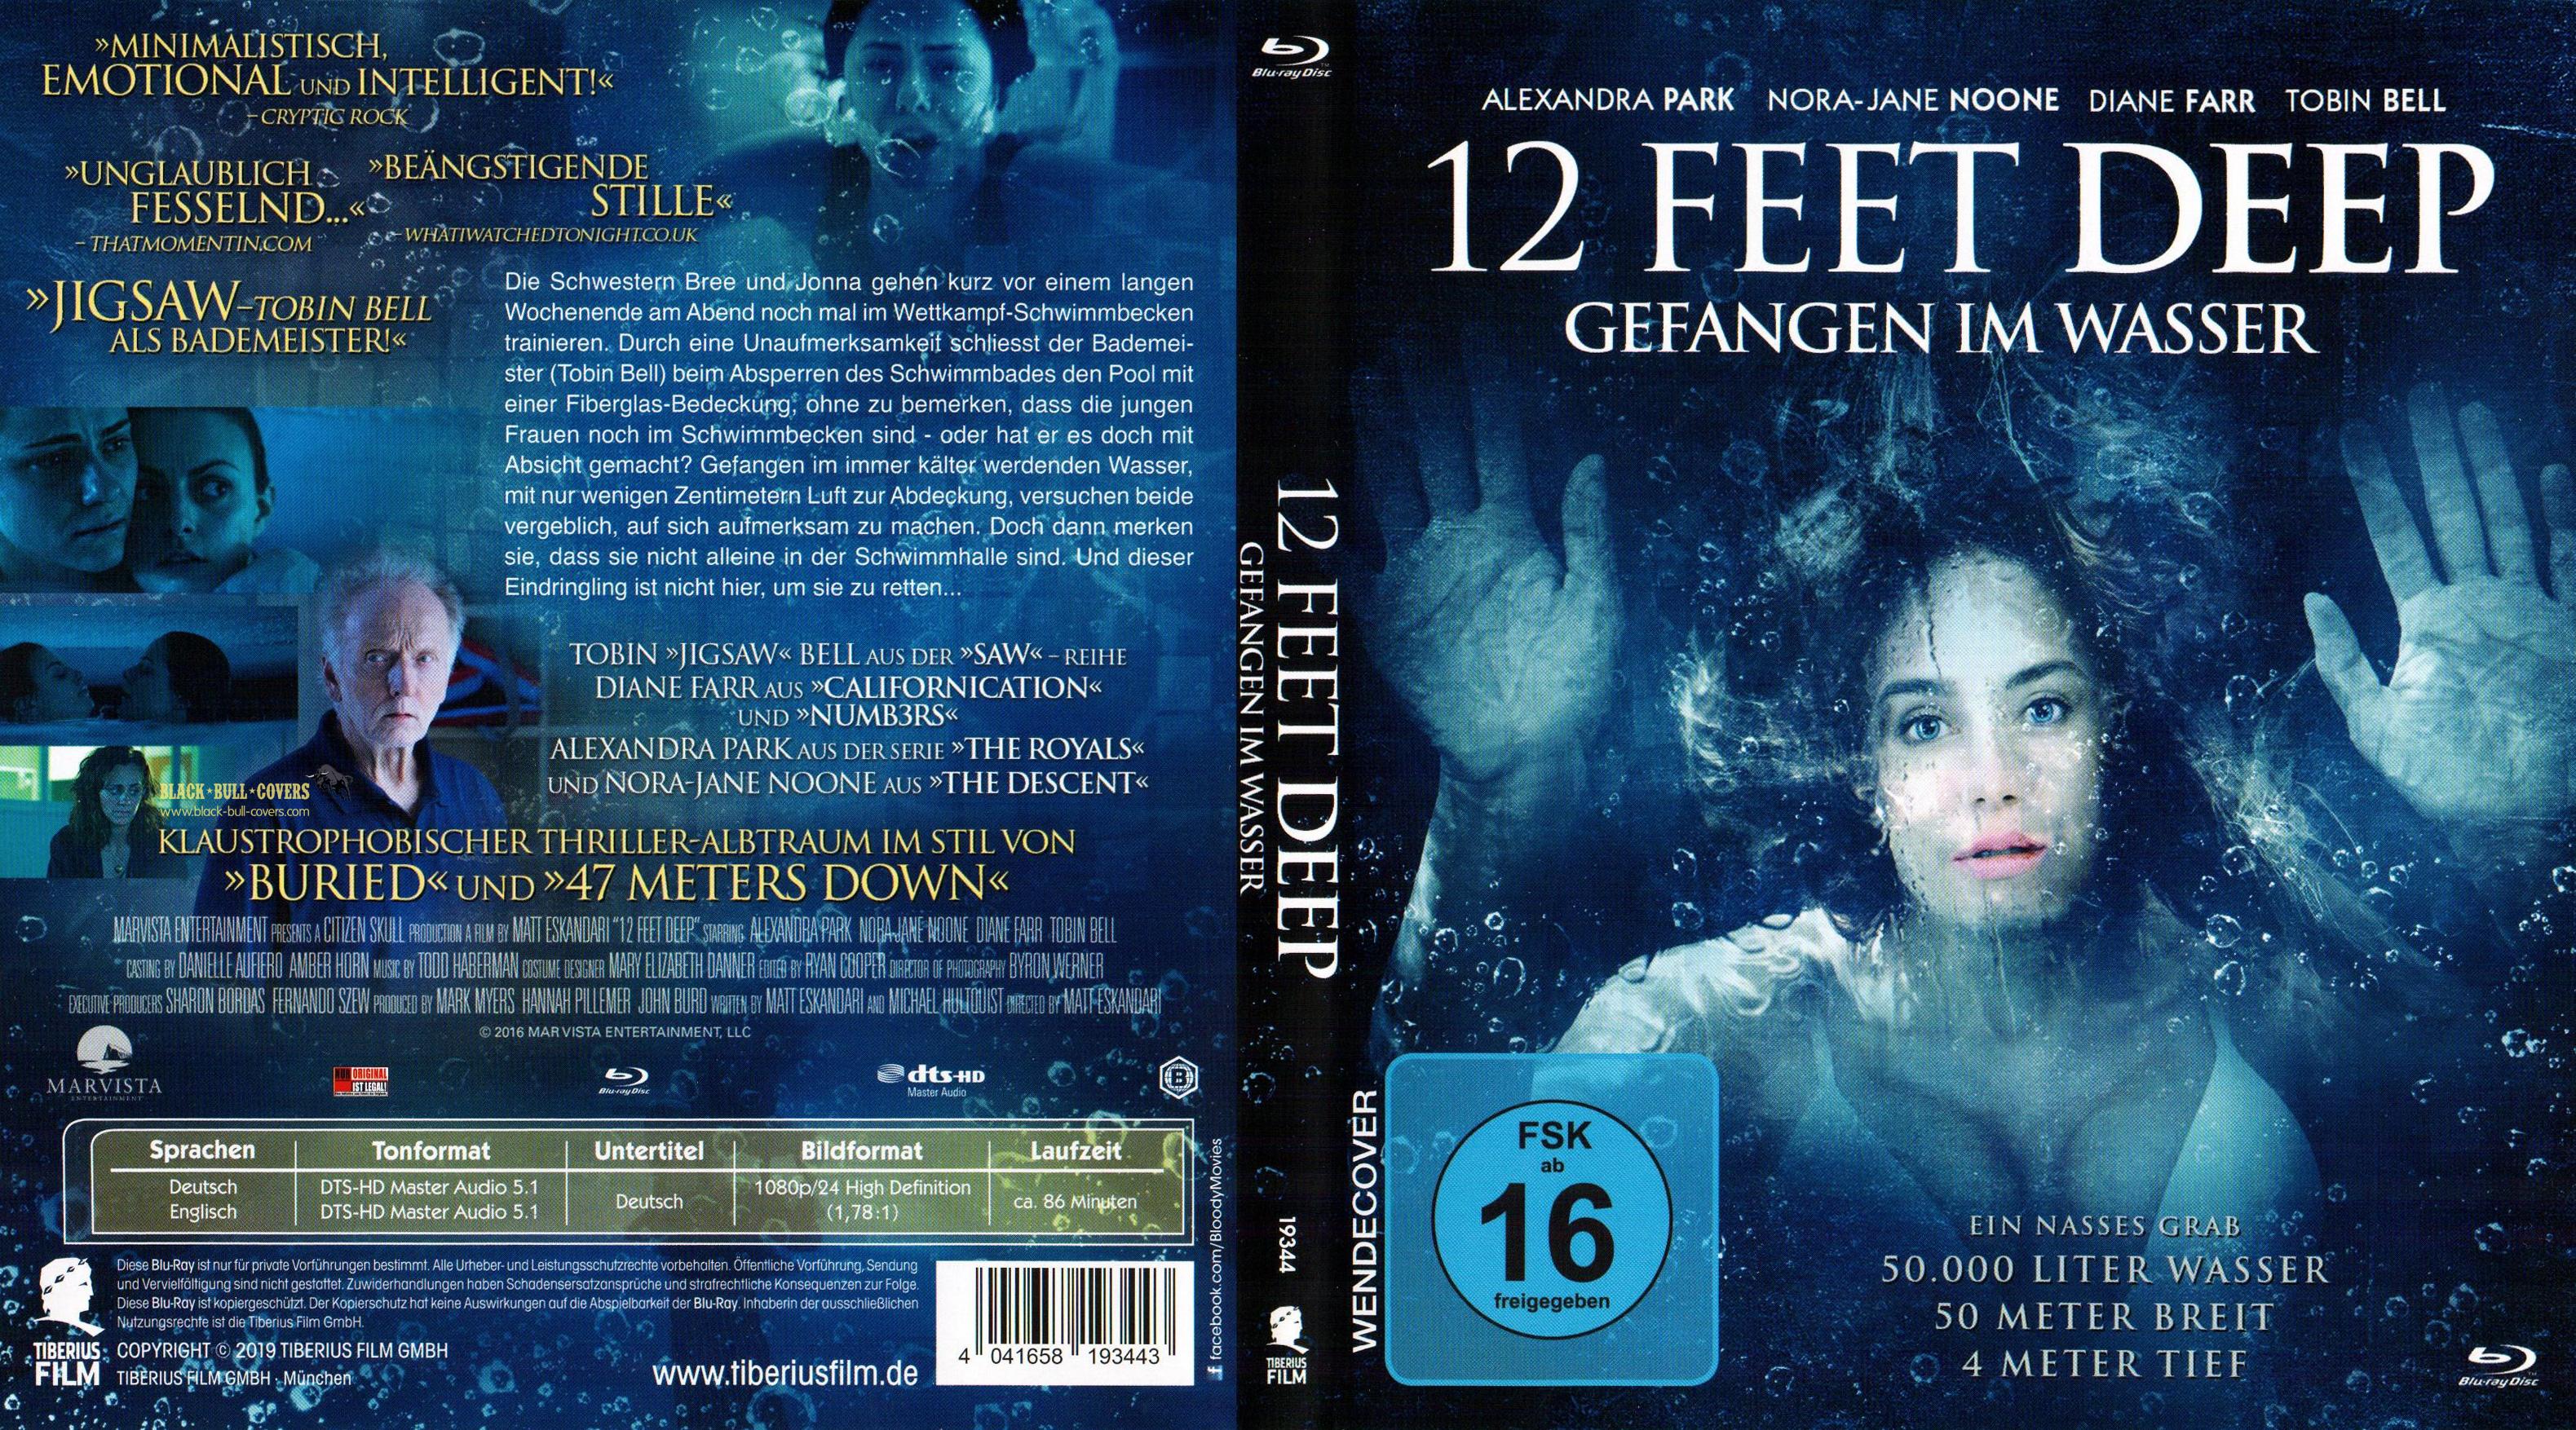 12 feet deep deutsch